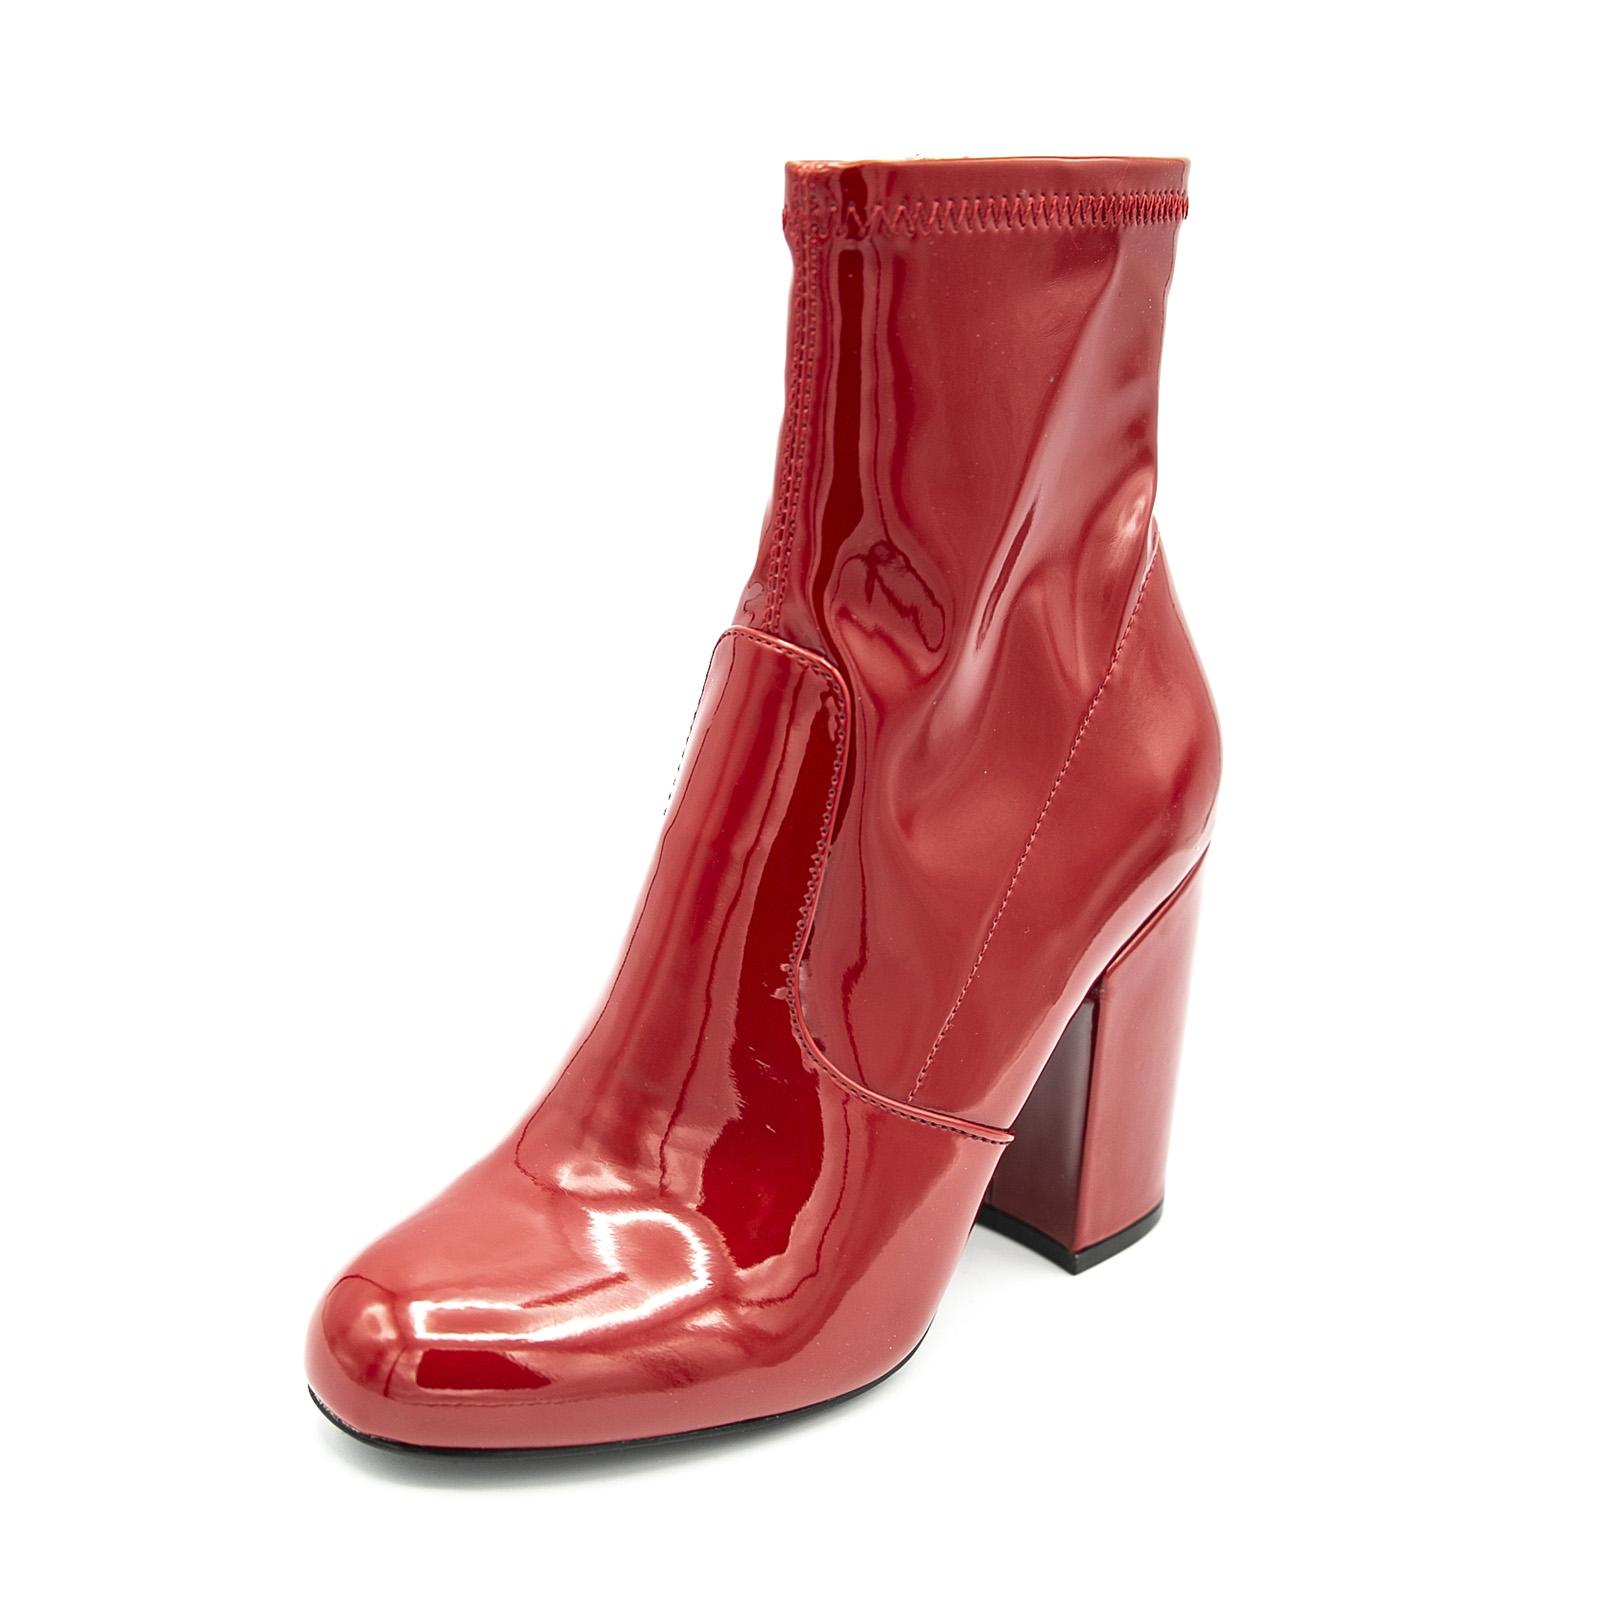 arquitecto Th Sombra  Steve Madden Gaze - Rojo - Botines Mujer Rojo | eBay